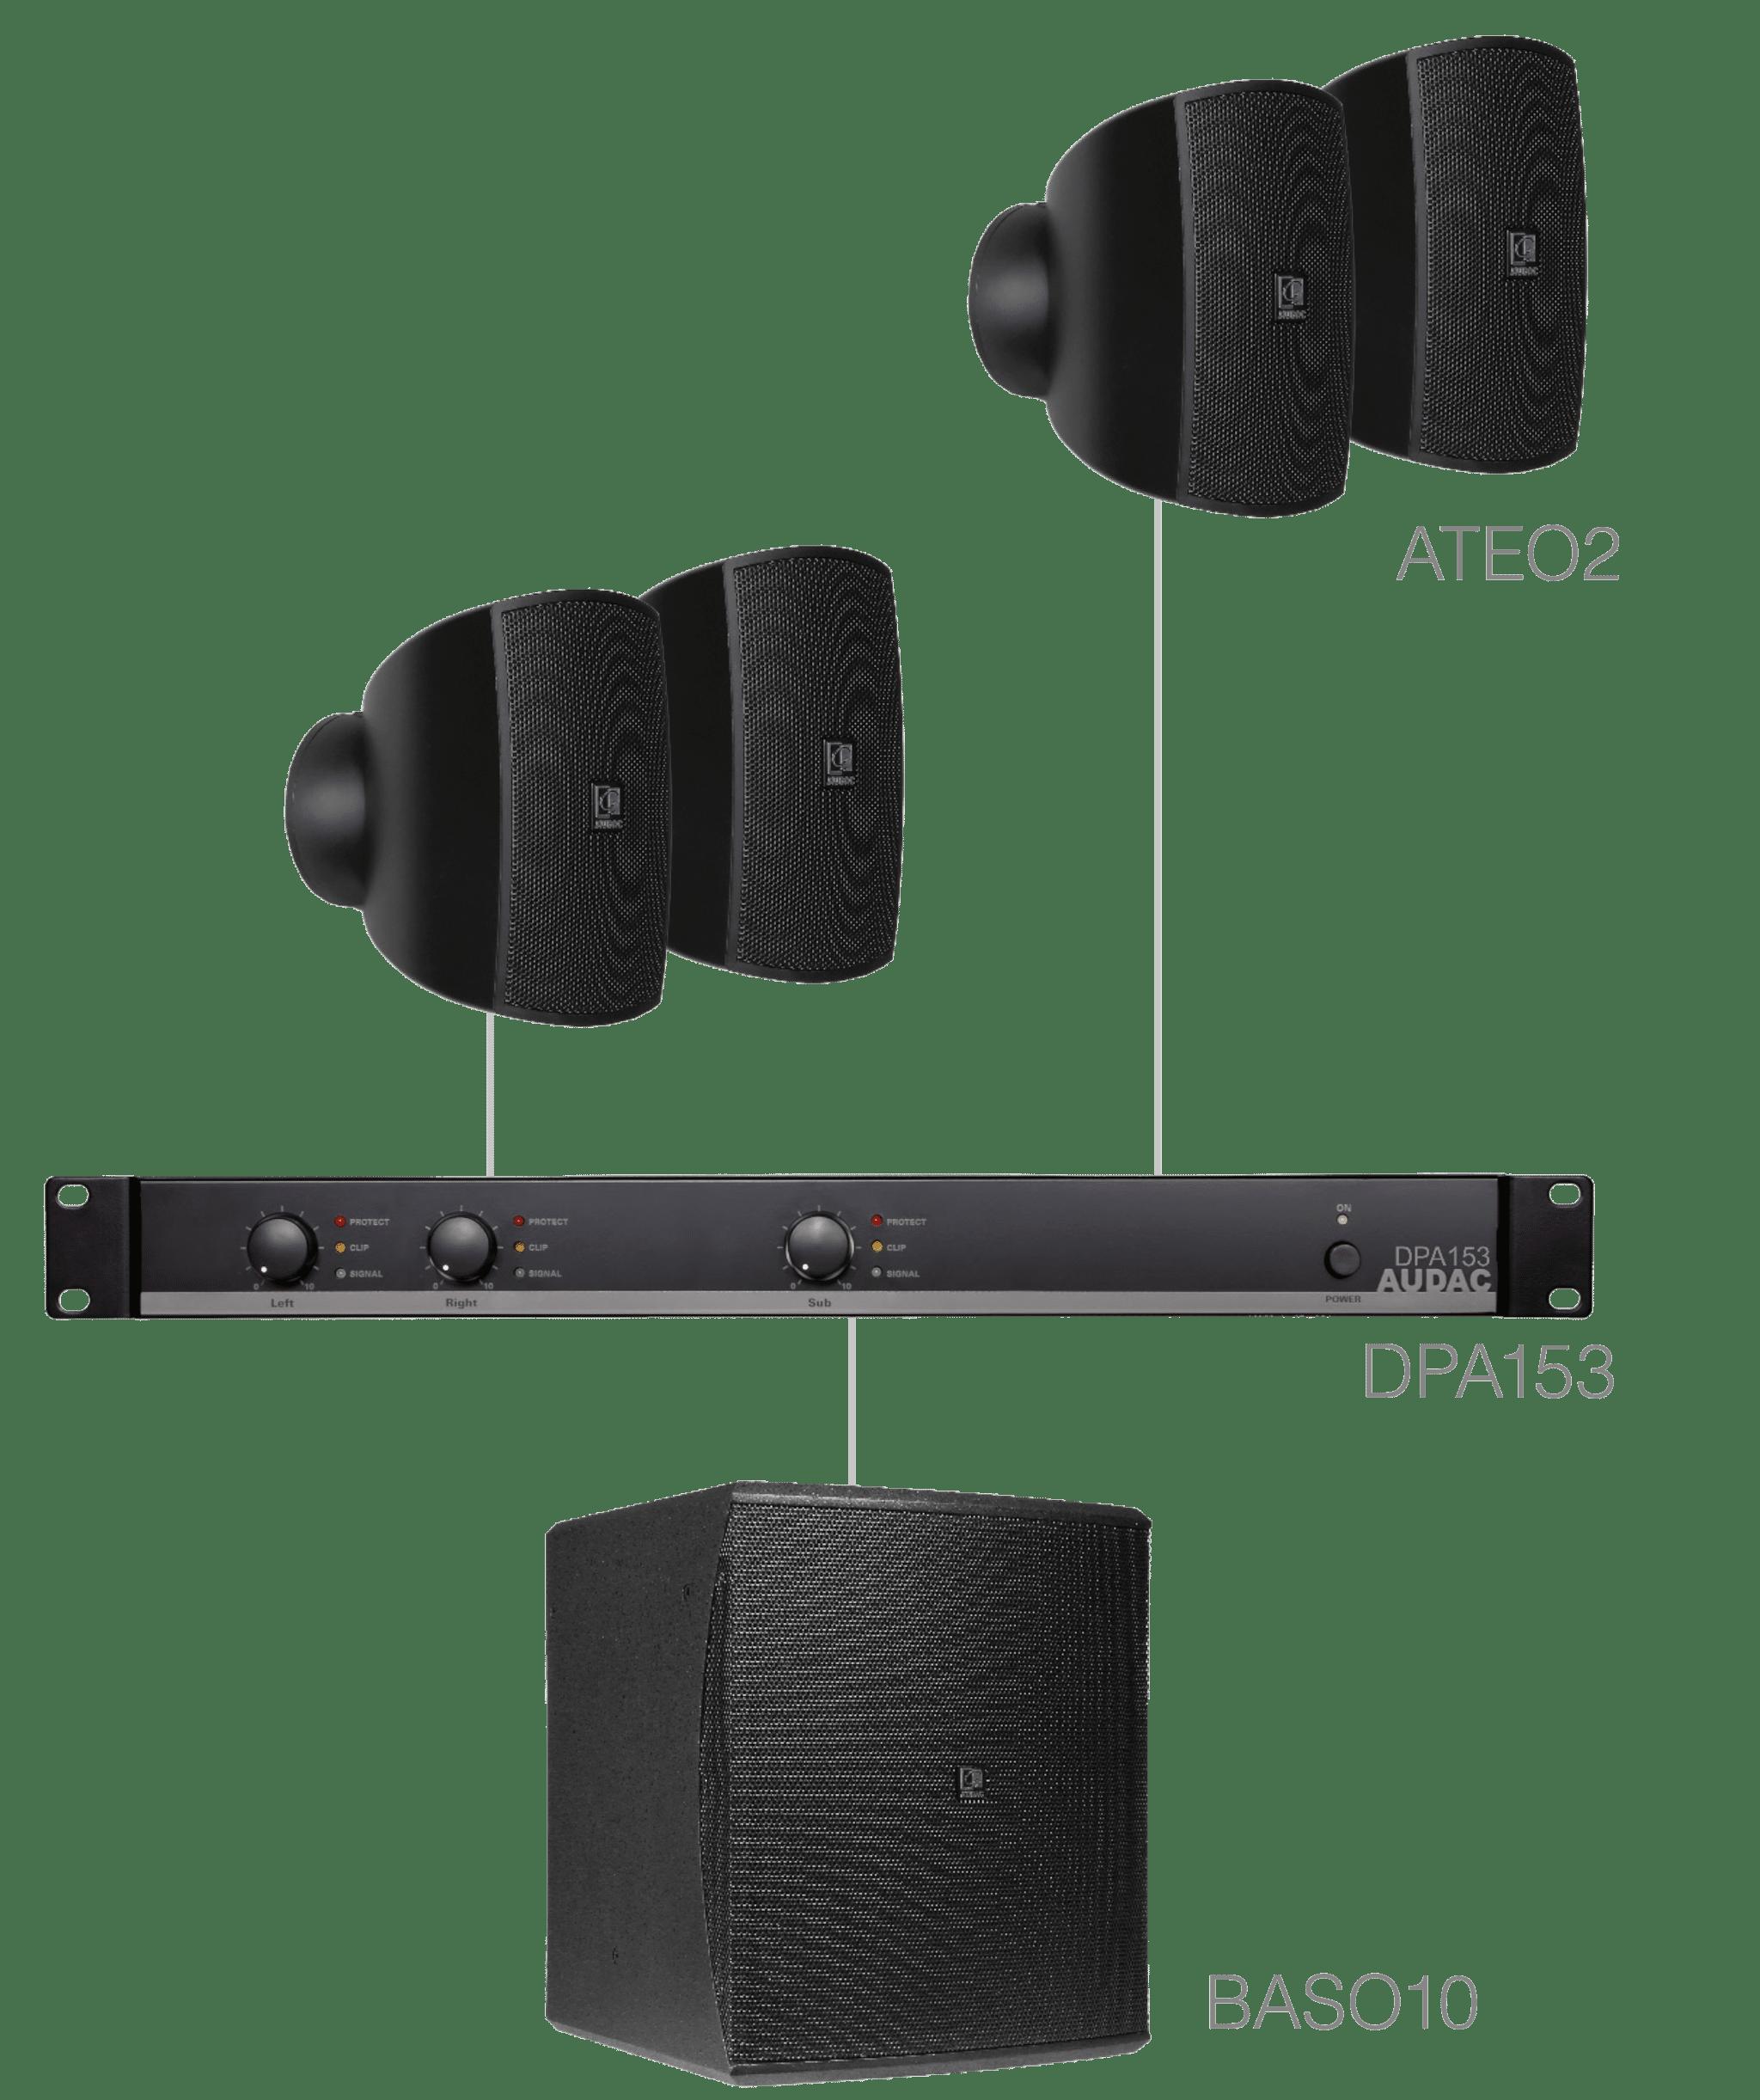 SUBLI2.5 - 4 x ATEO2 + BASO10 + DPA153